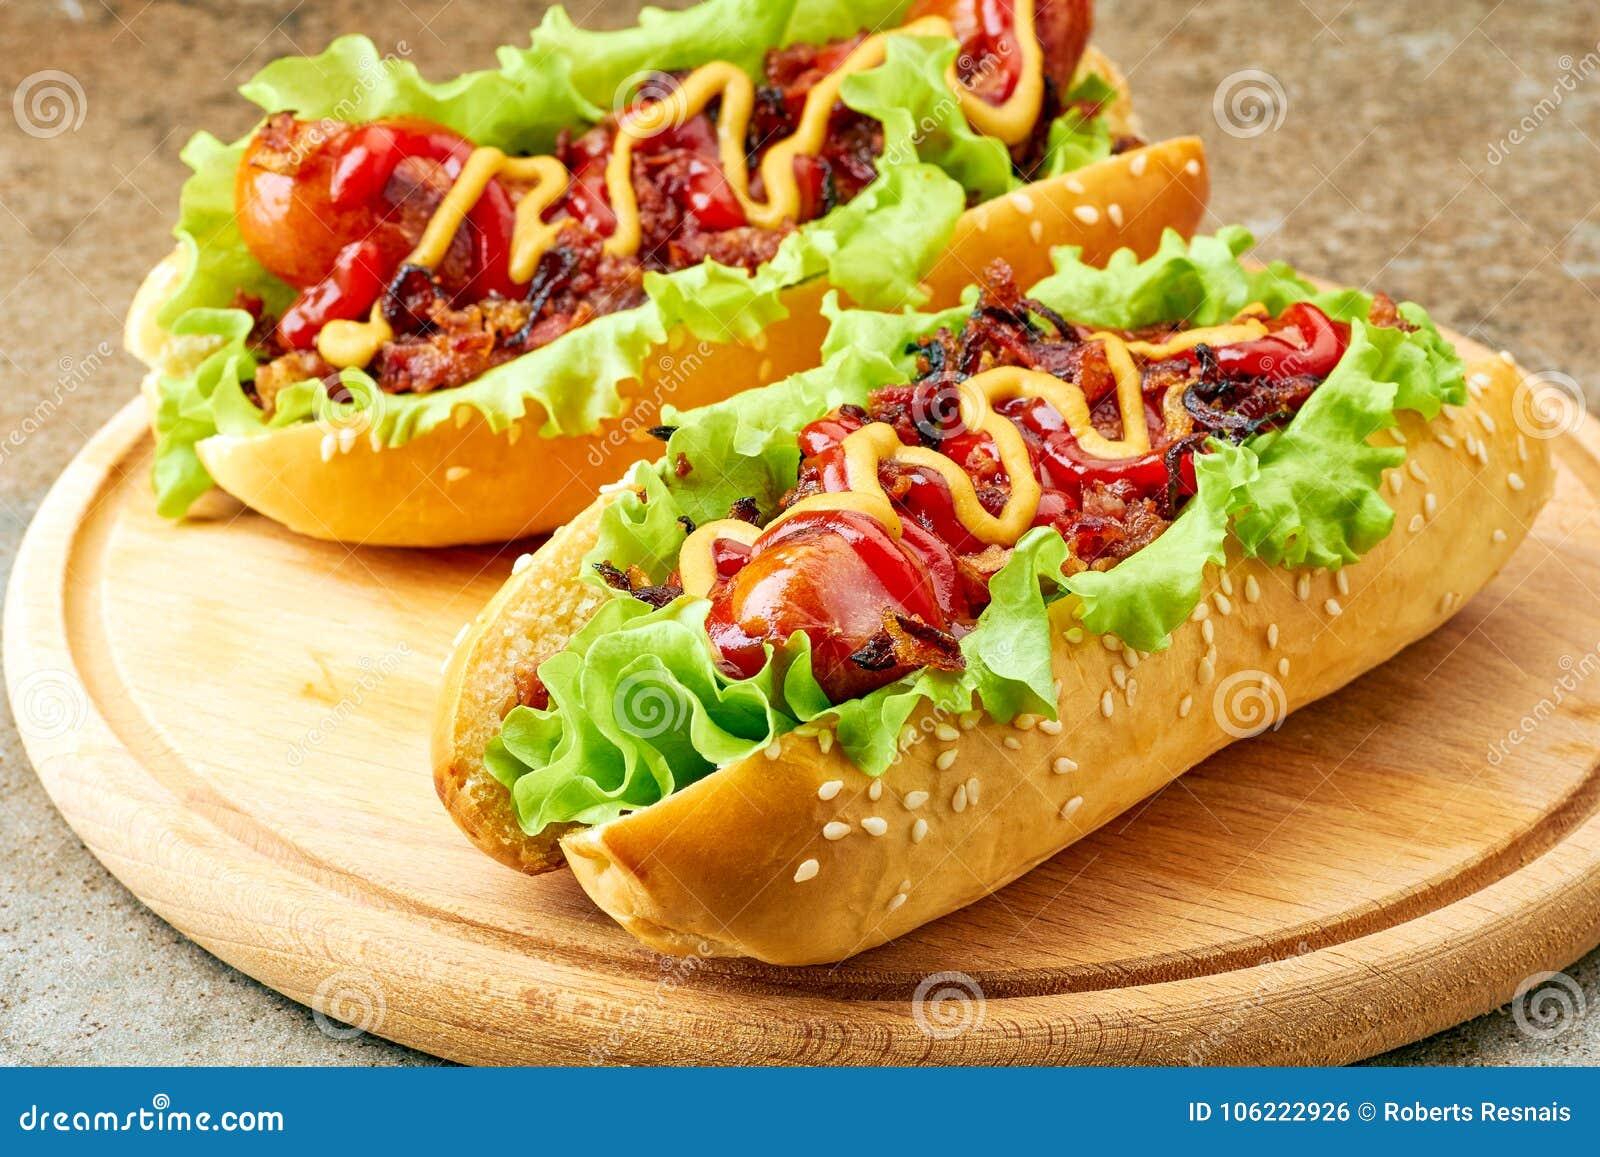 Zwei selbst gemachte Hotdoge mit Kopfsalat-, Speck- und Zwiebelbelägen